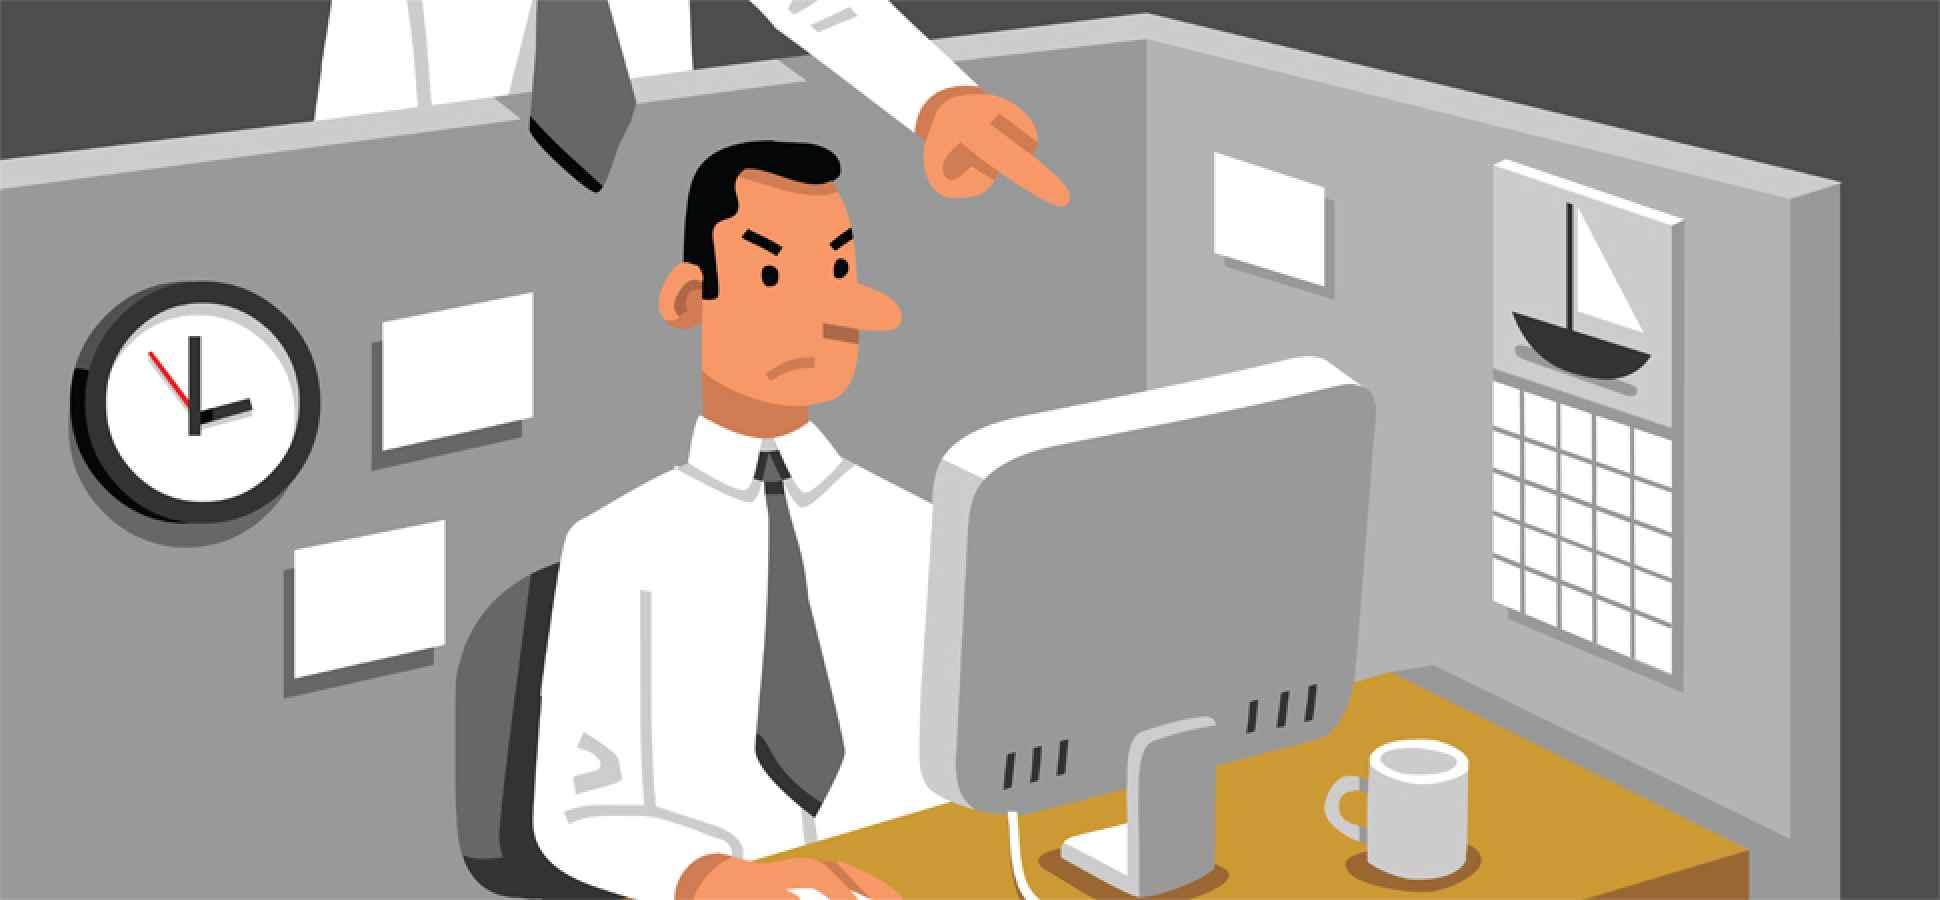 Stop Micromanaging